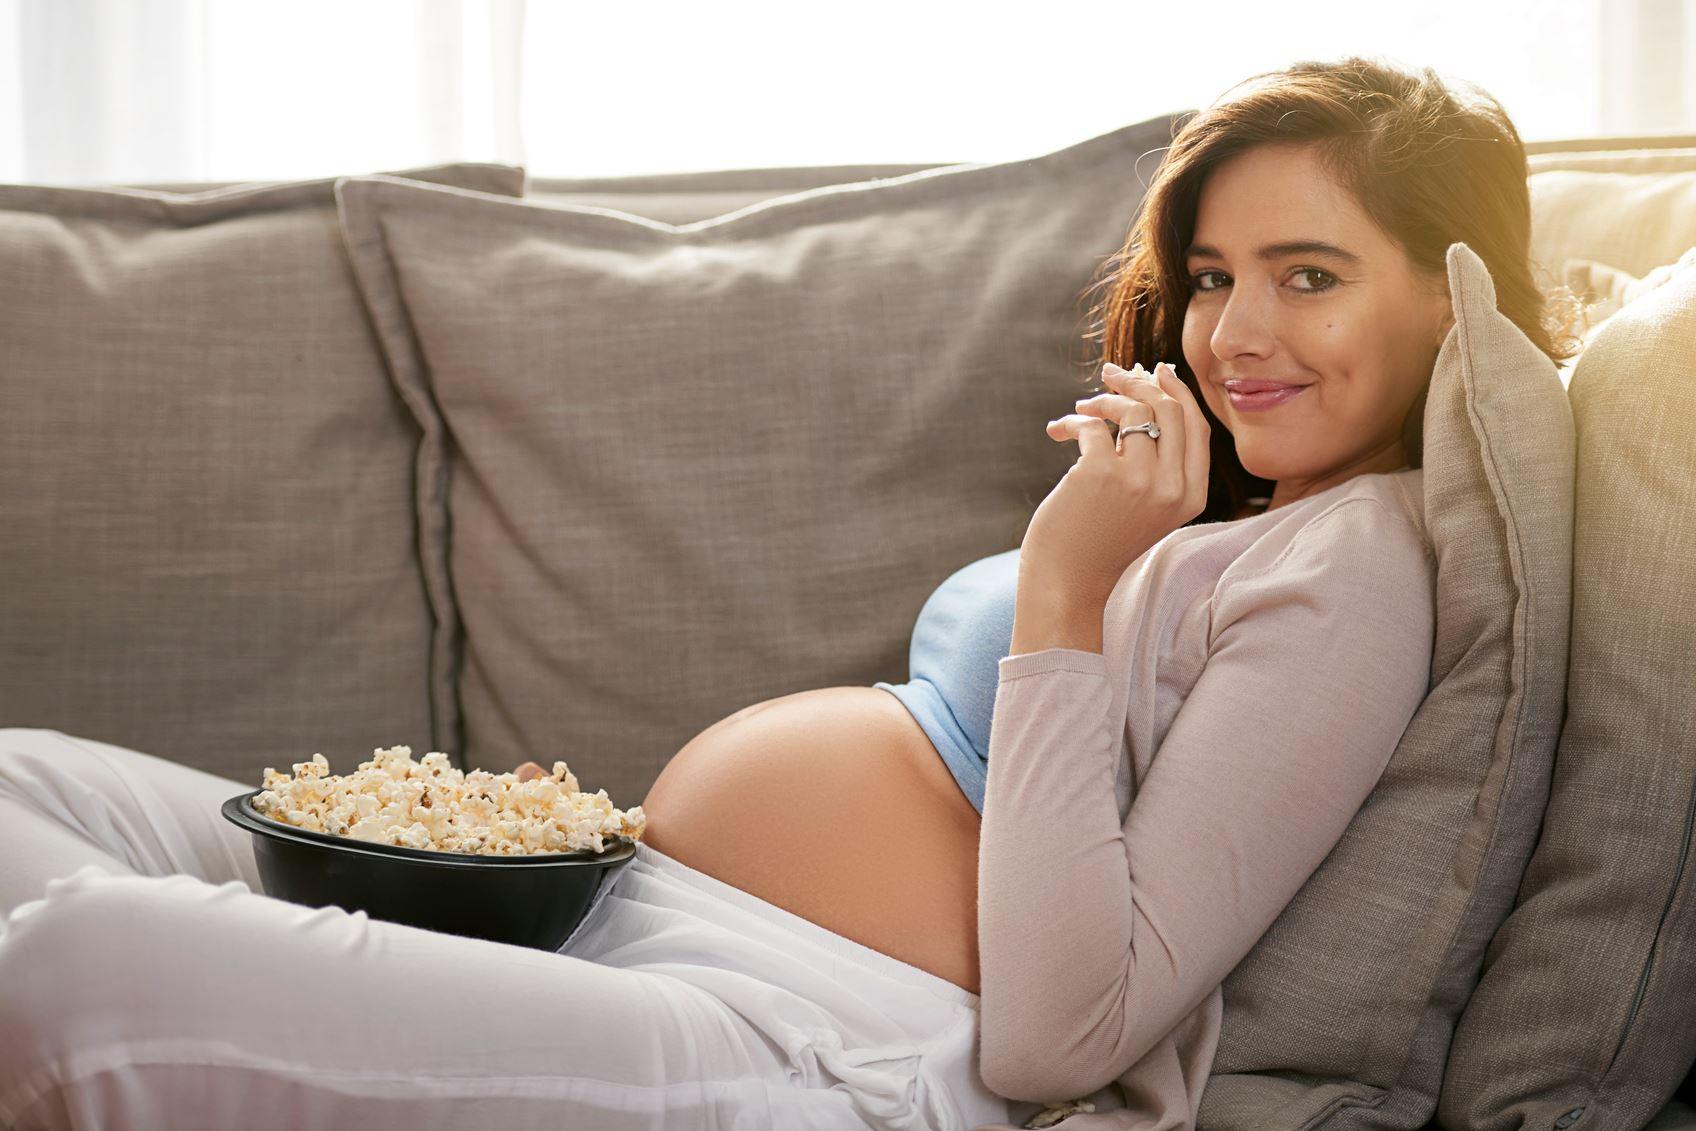 Λιγούρες στην εγκυμοσύνη: Tελικά είναι μύθος ή αλήθεια;